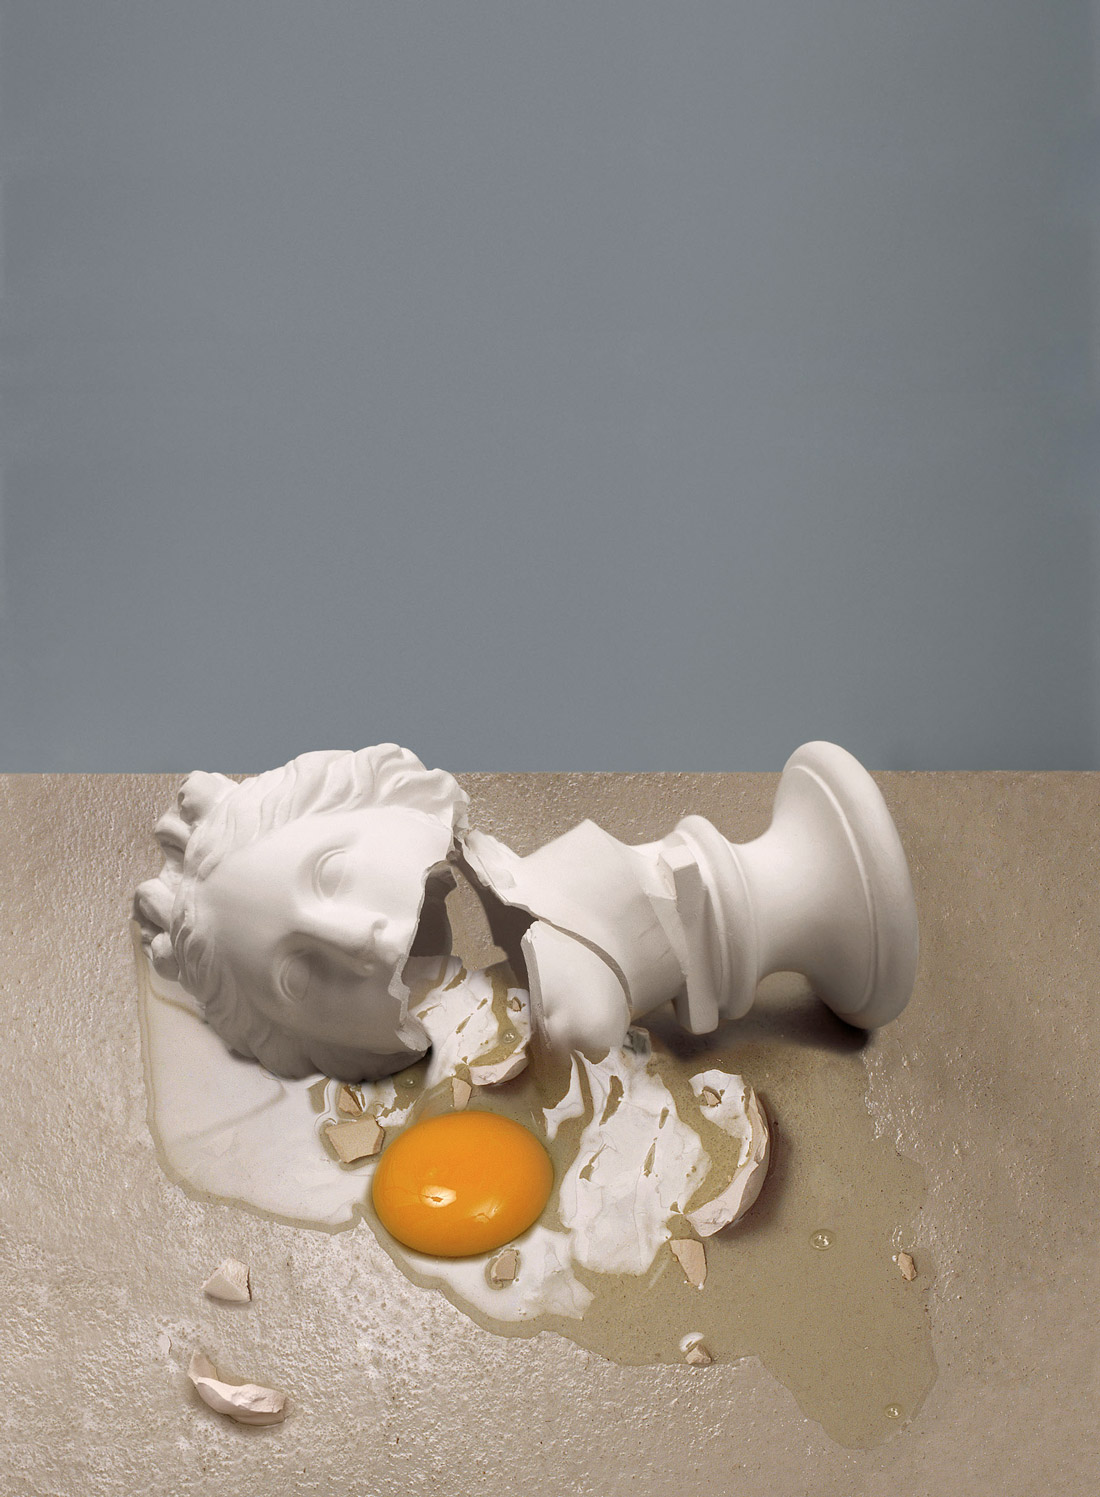 art blog - Robert Gligorov - empty kingdom